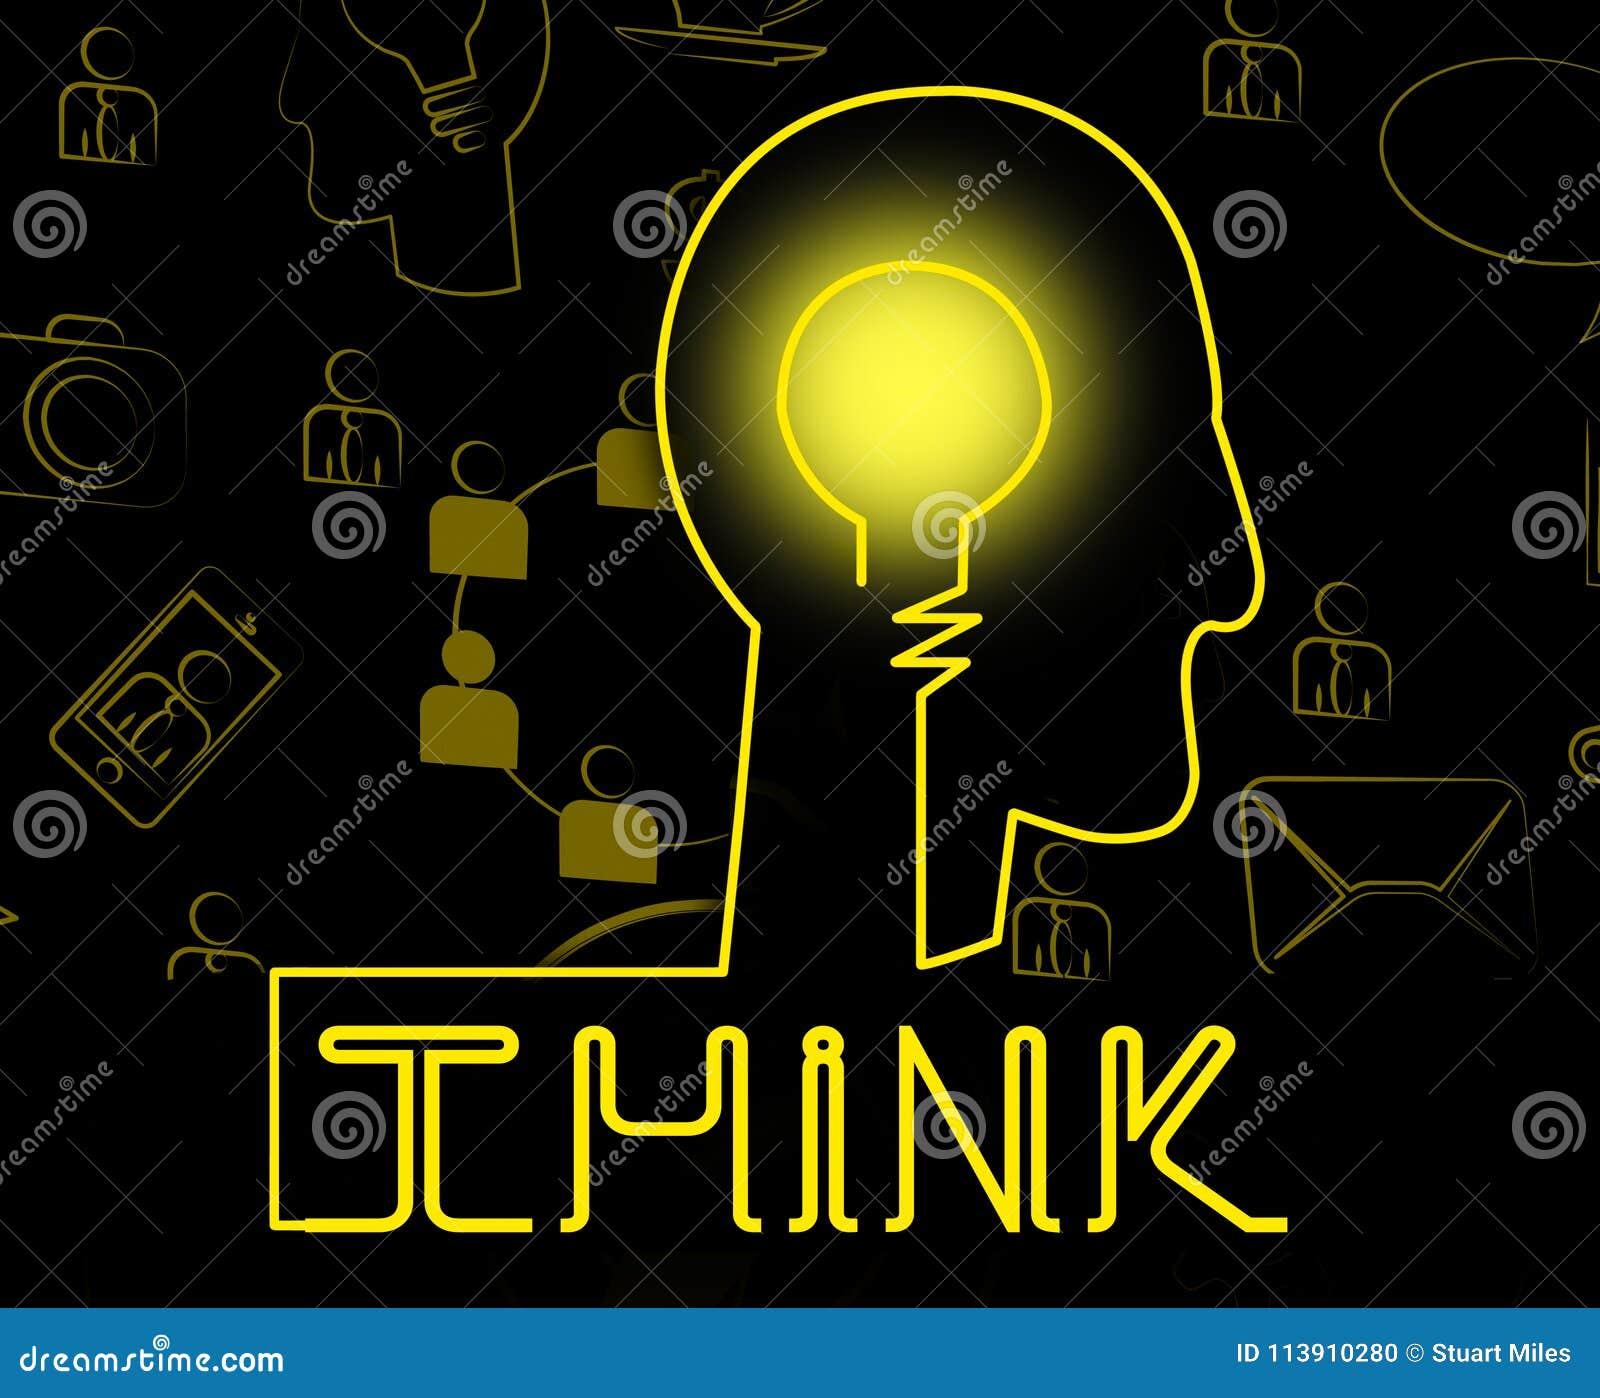 Σκεφτείτε ότι ο εγκέφαλος αντιπροσωπεύει την αντανάκλαση ιδέας και εξετάστε